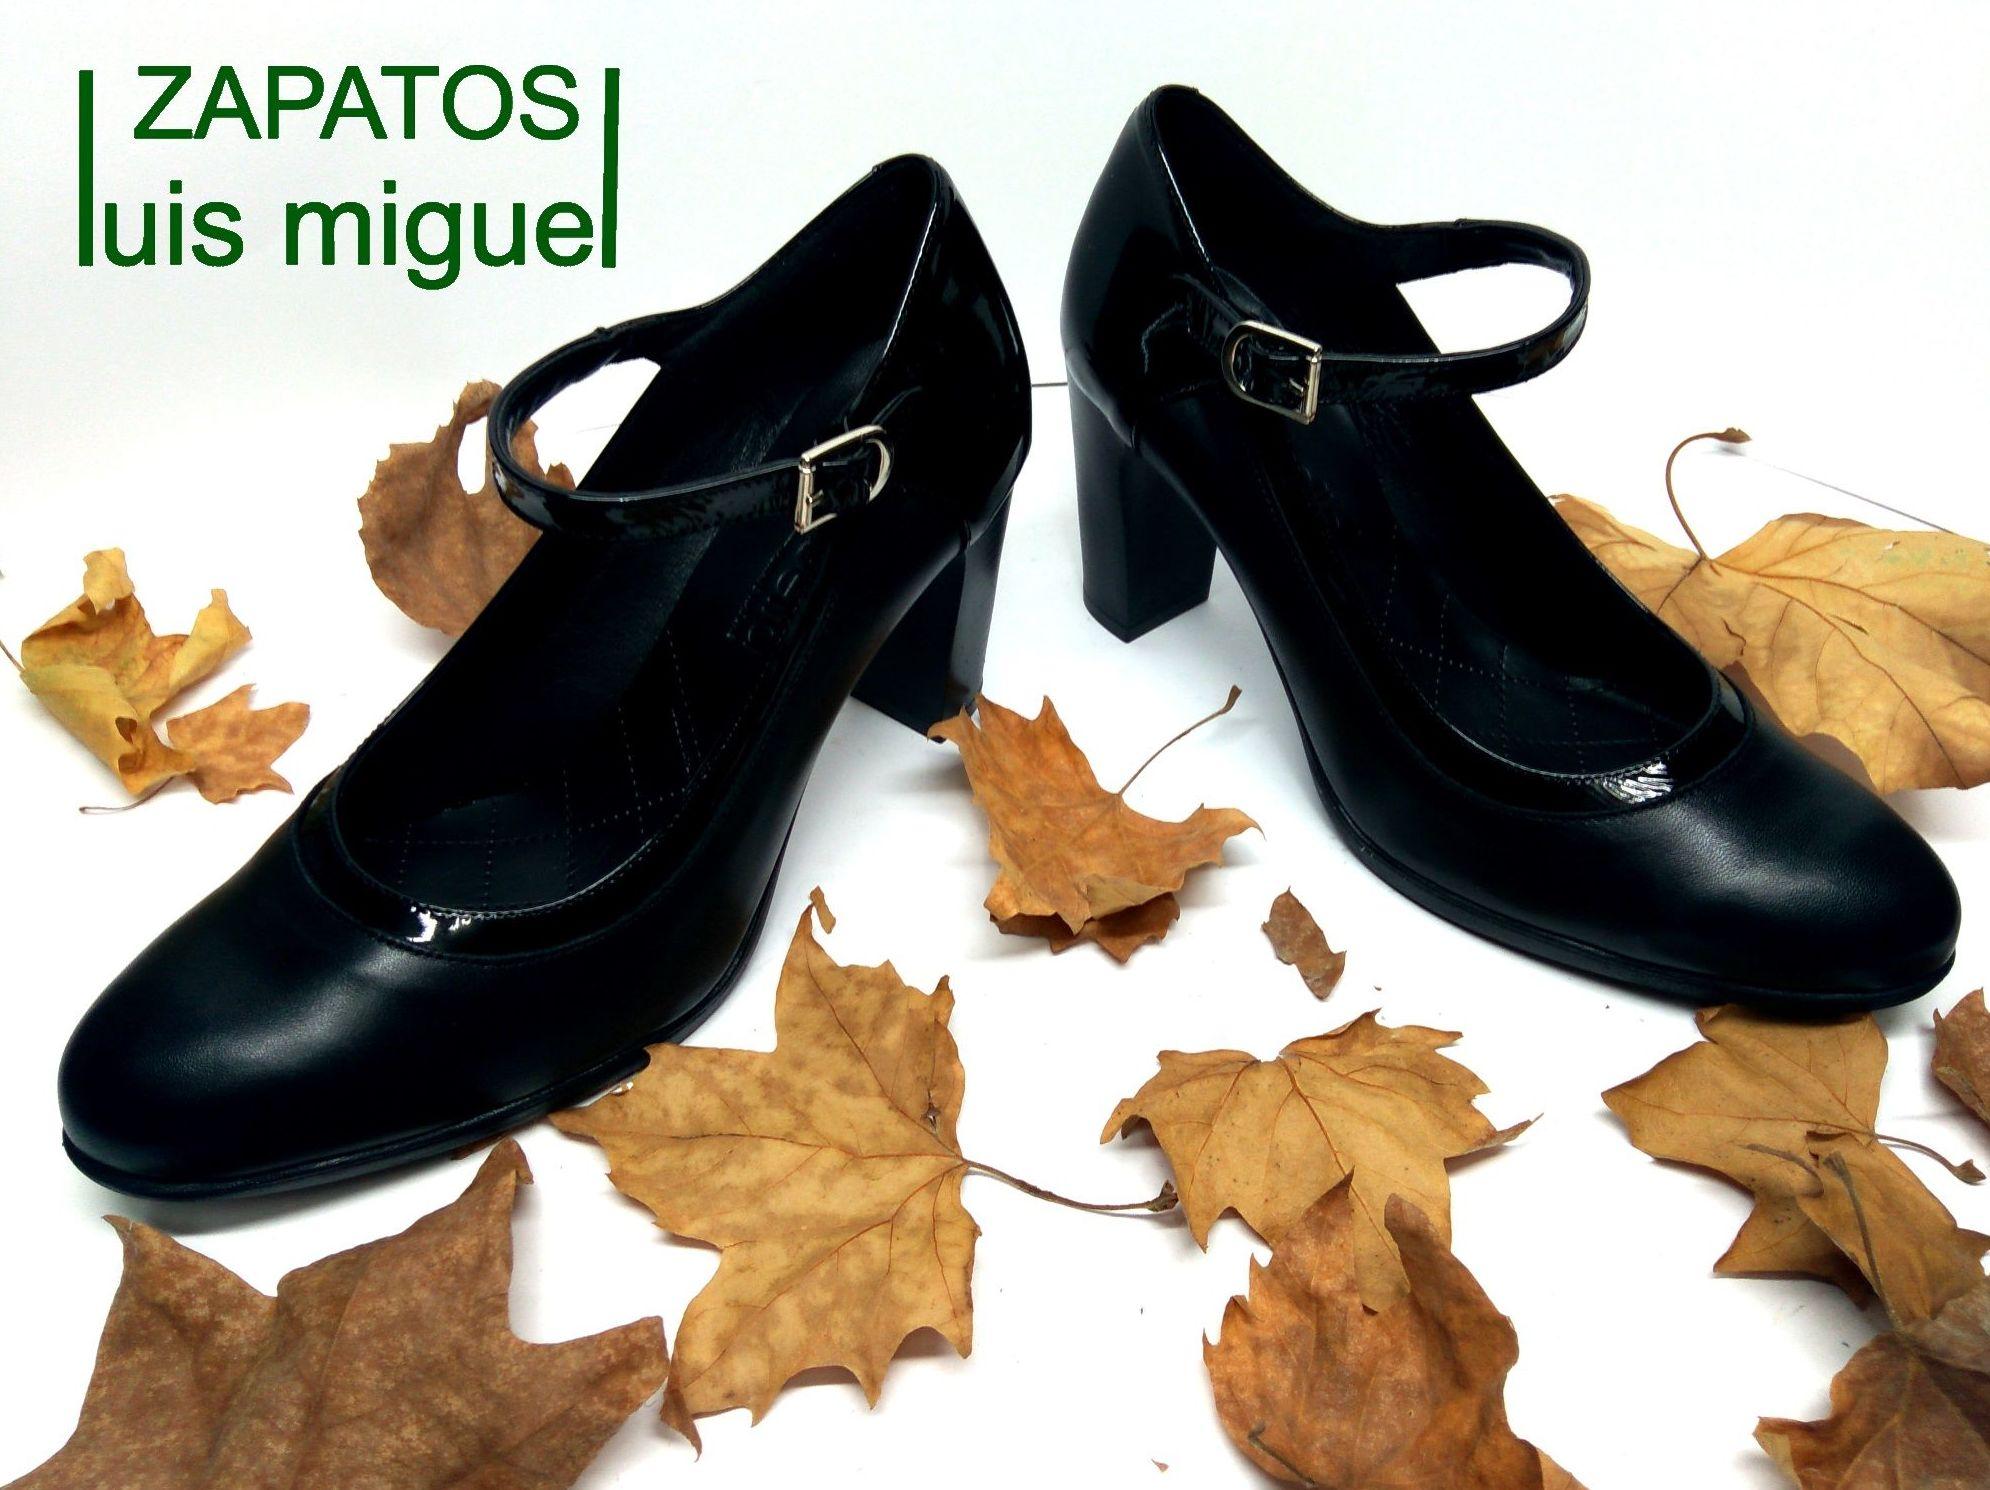 zapato merceditas de modabella: Catalogo de productos de Zapatos Luis Miguel